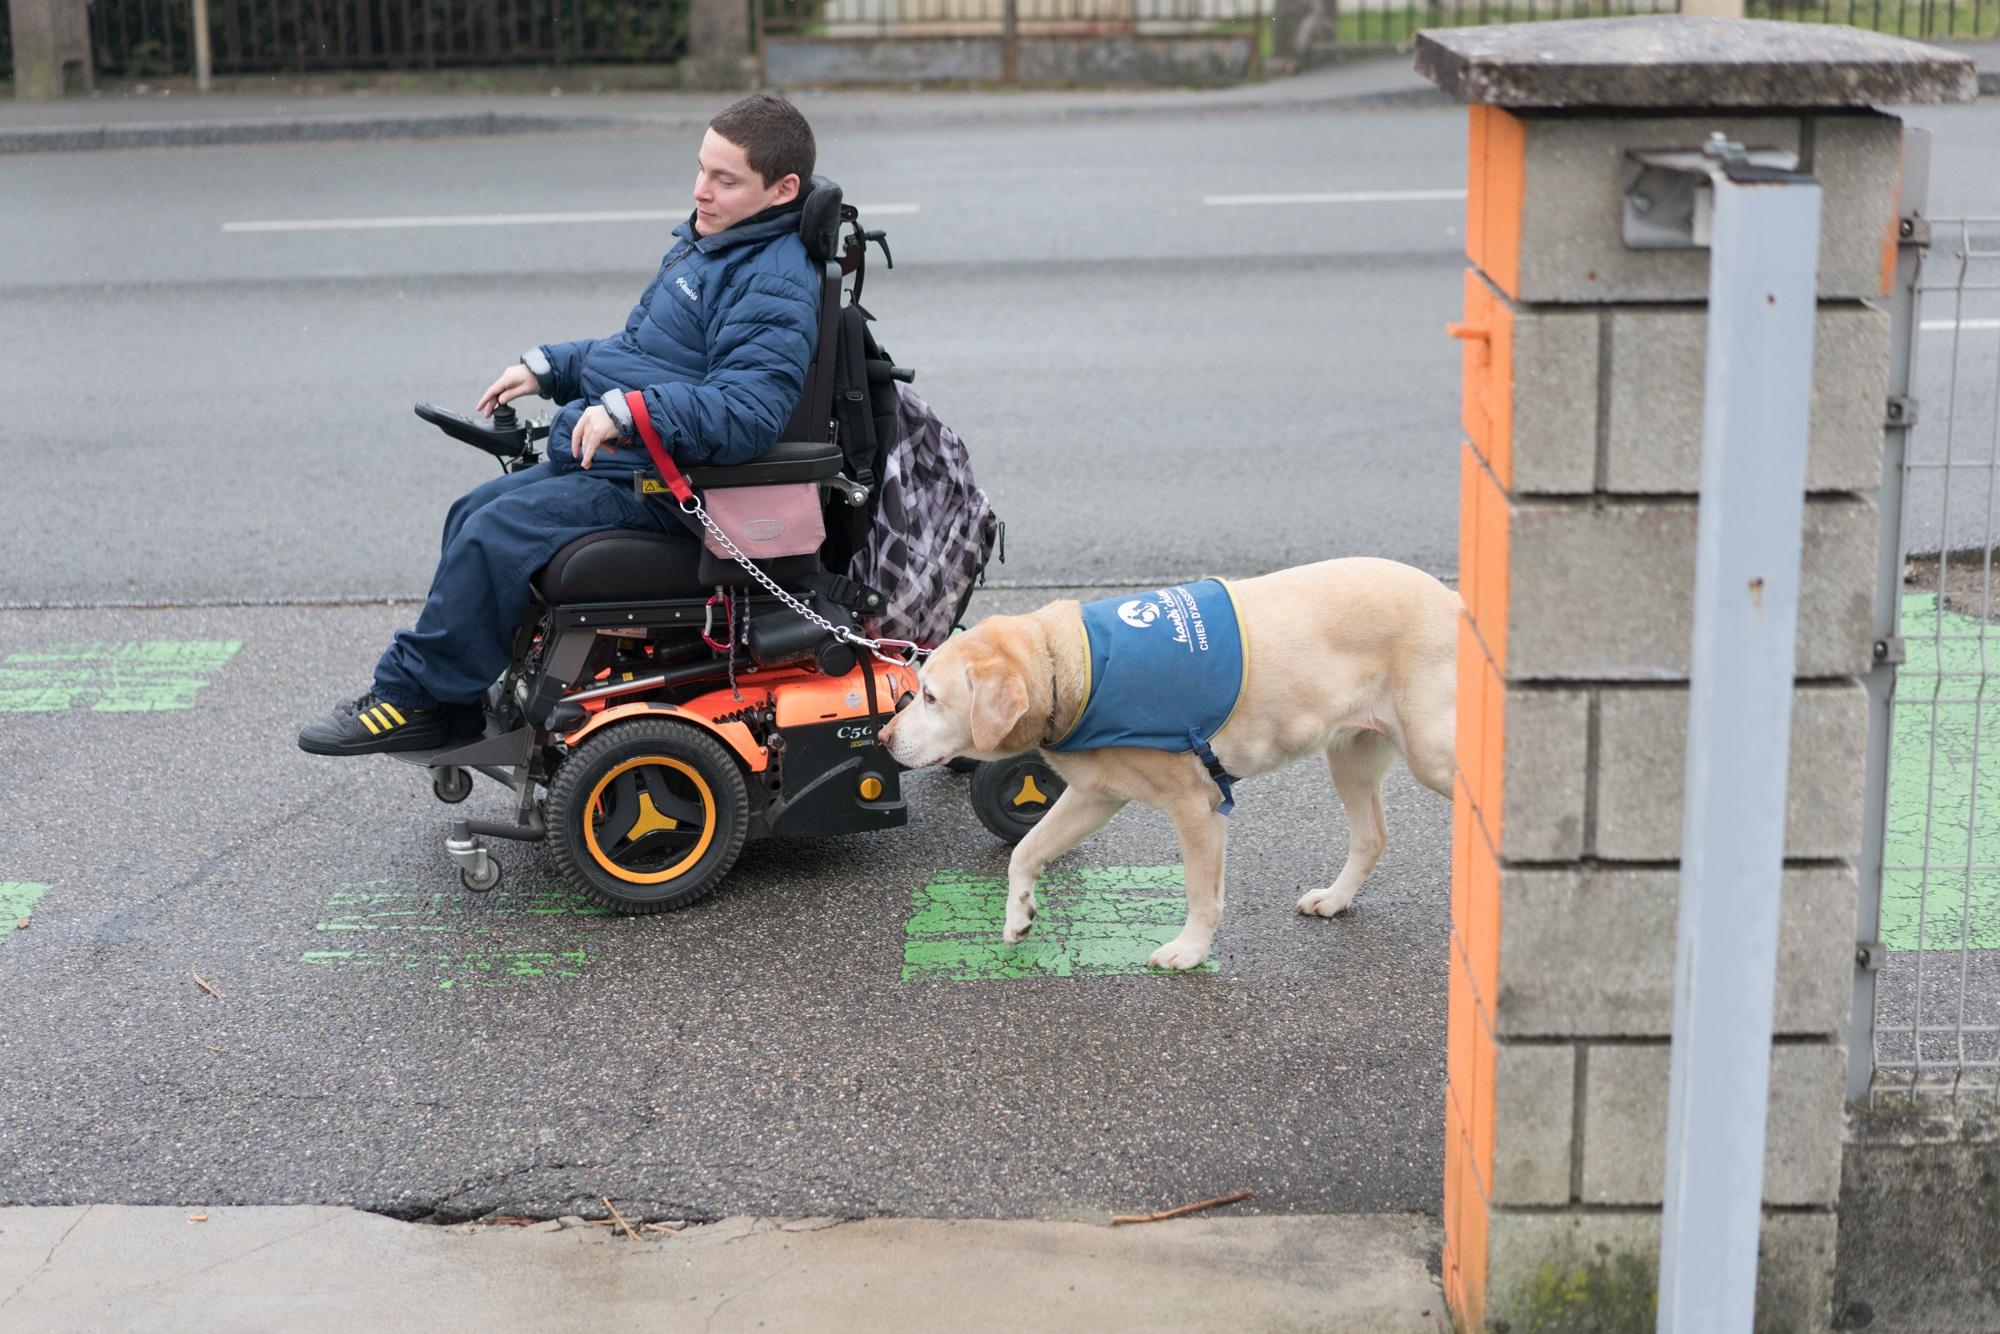 Edouard, sur son fauteuil, avance sur une piste cyclable en compagnie de son chien-guide